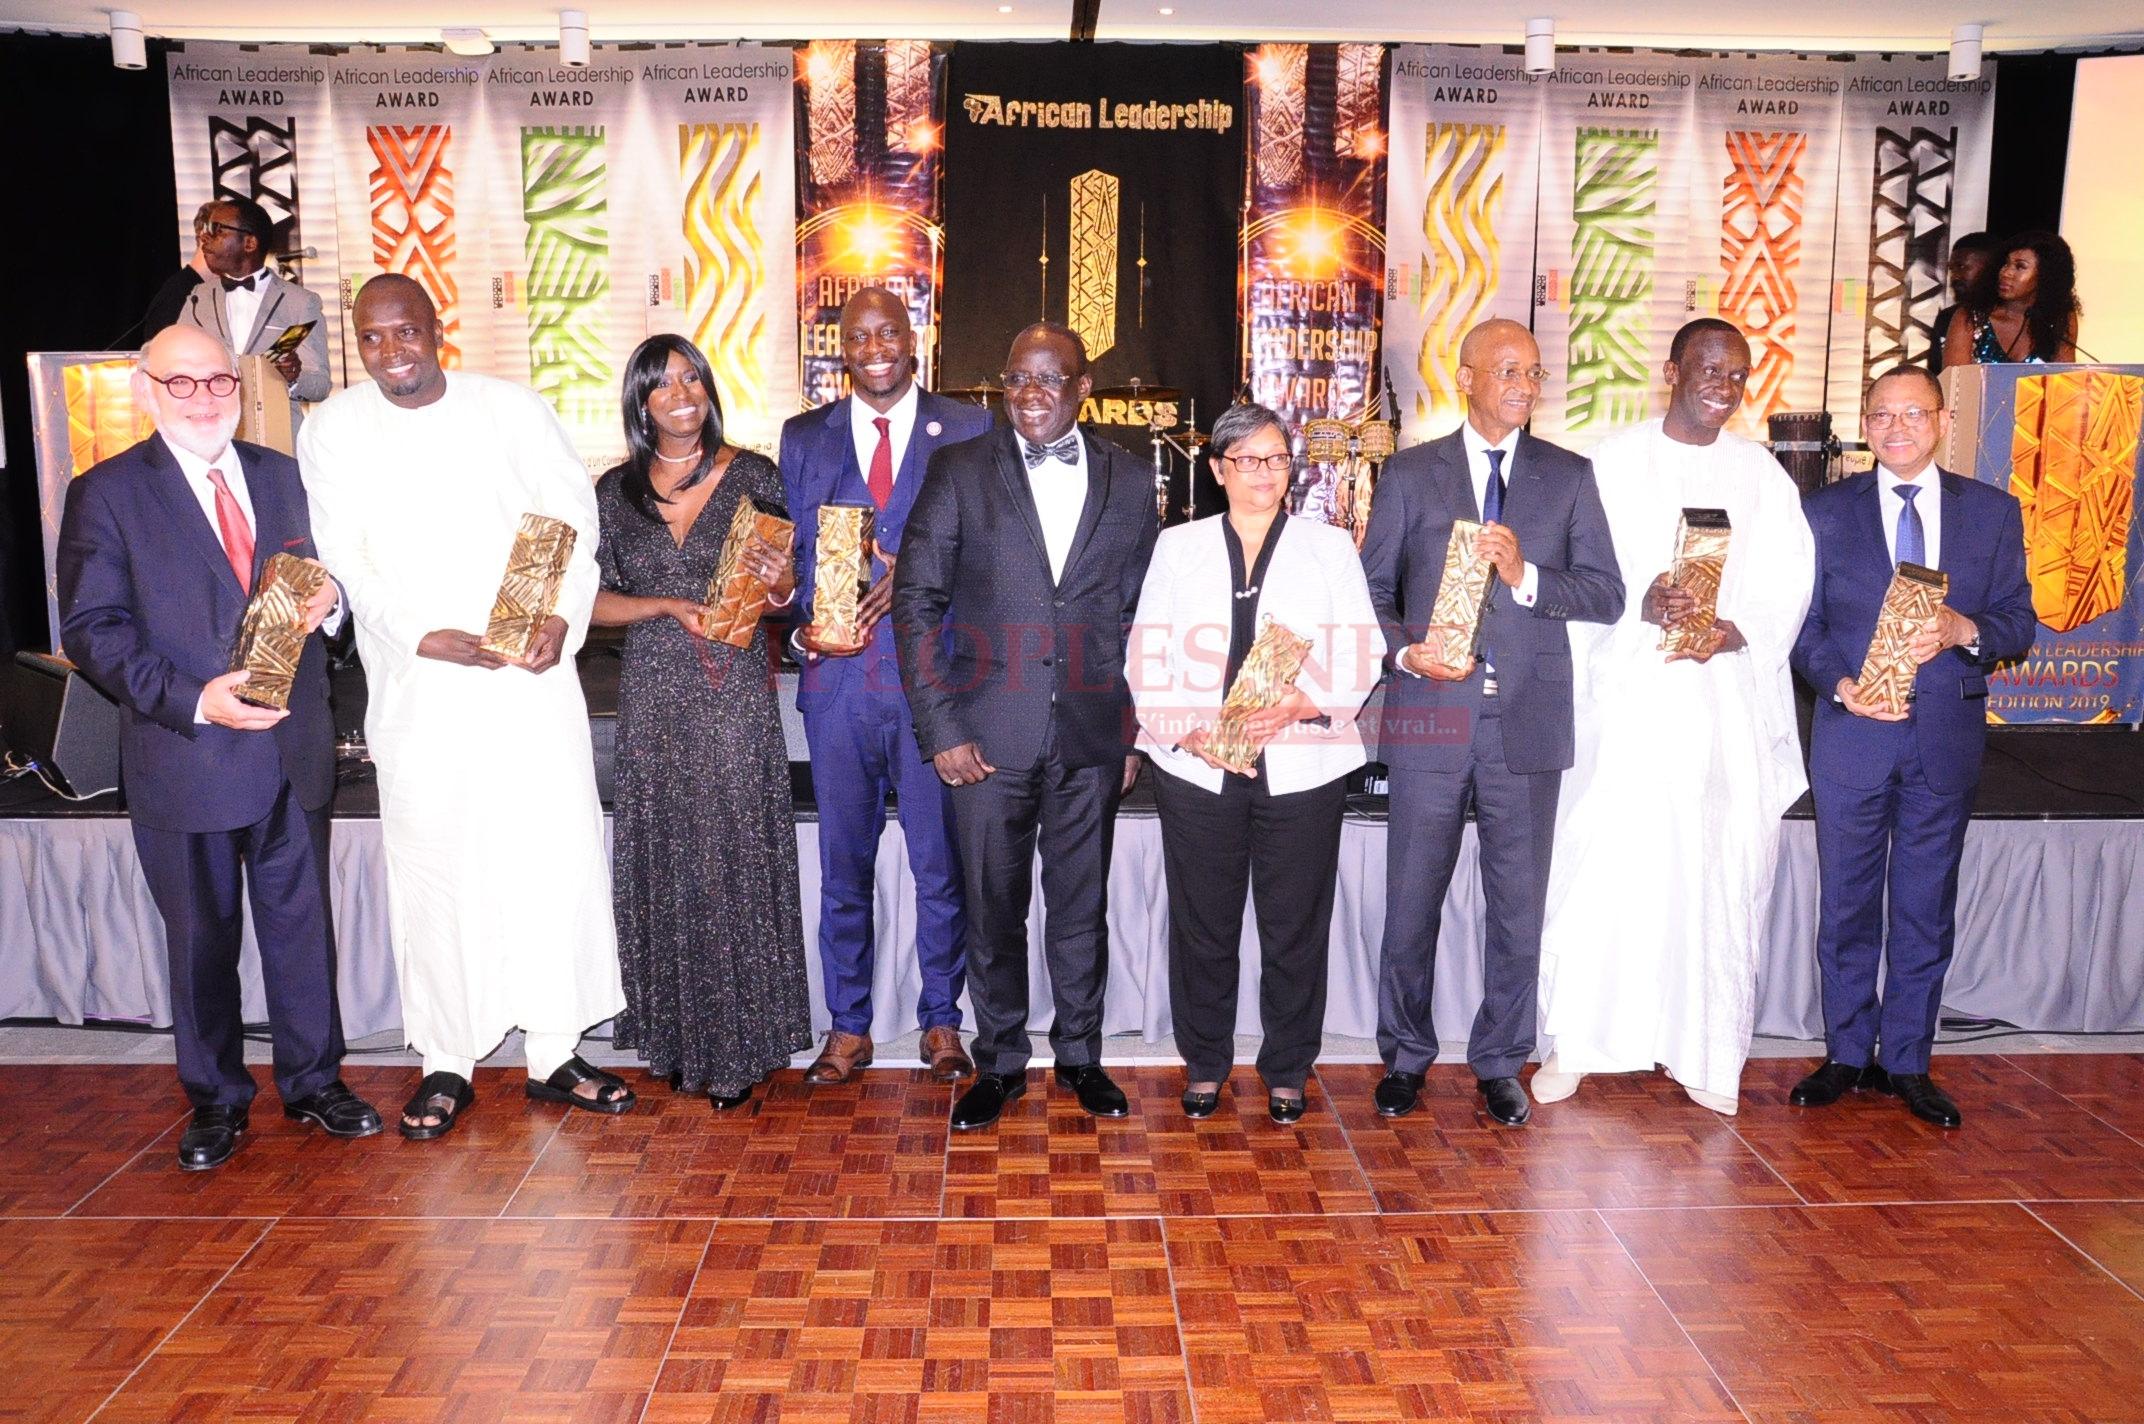 Remises des trophés aux récipiendaires African leadership Award a paris